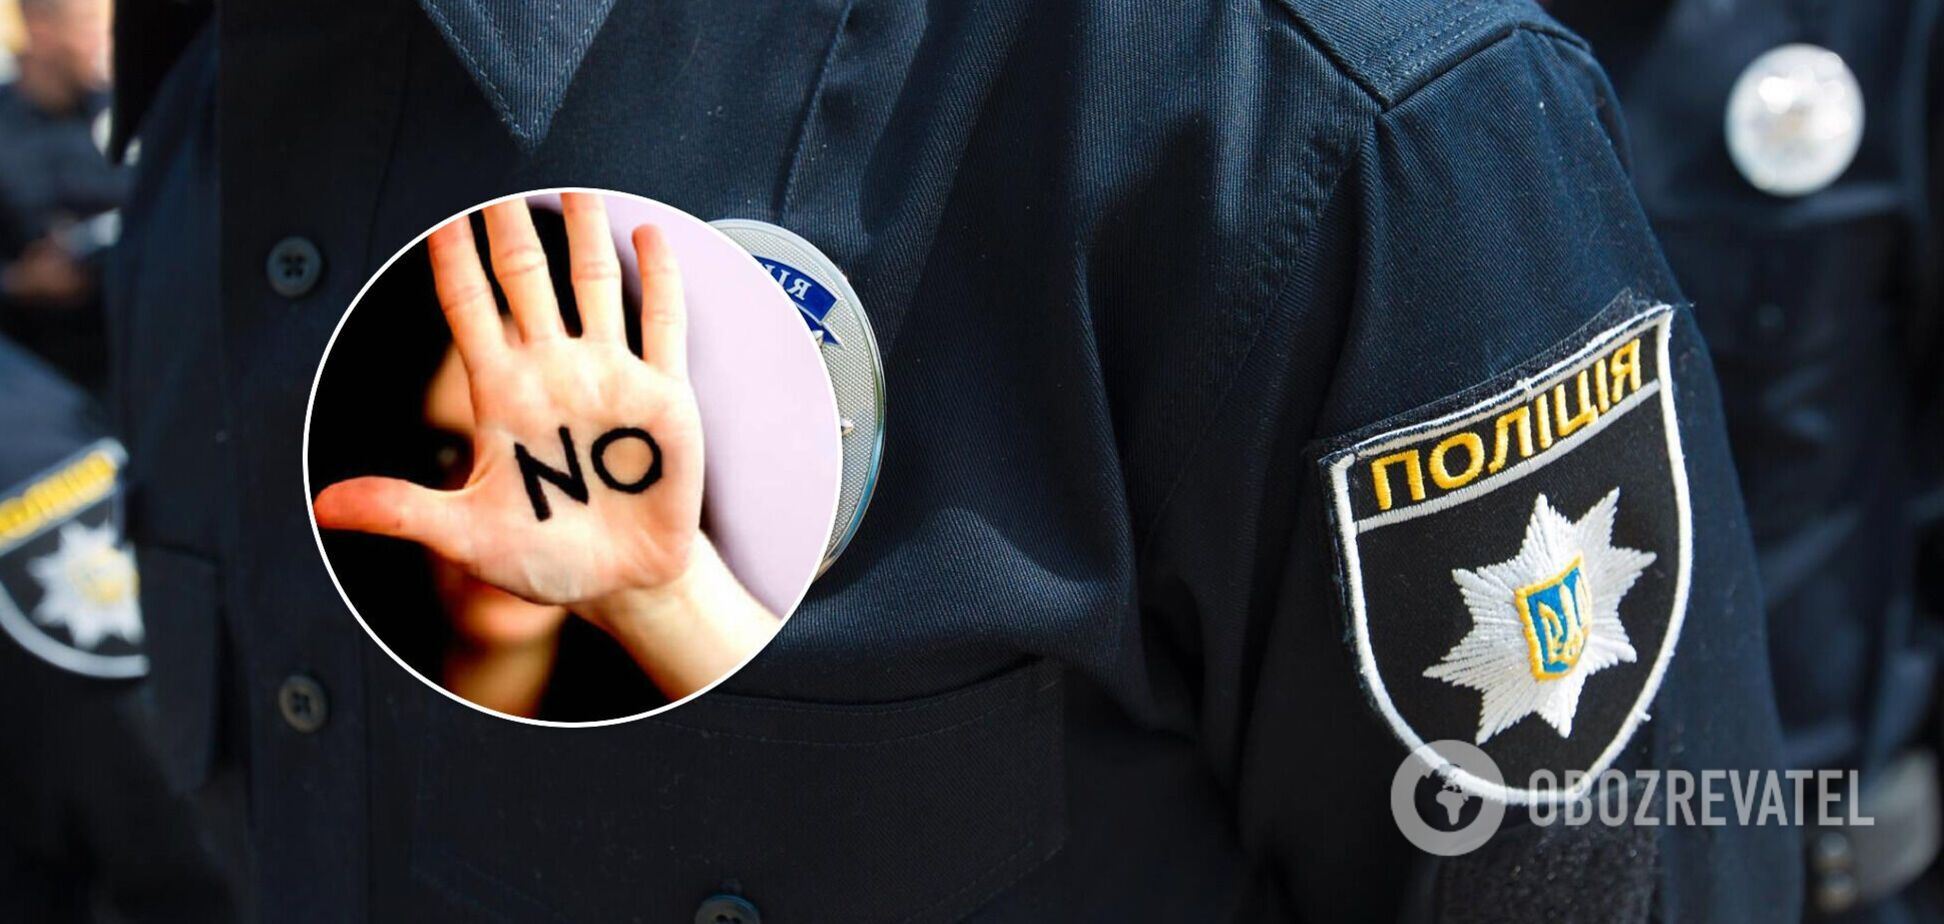 У Львові чоловік поскаржився уполіцію через відмову дружини займатися сексом